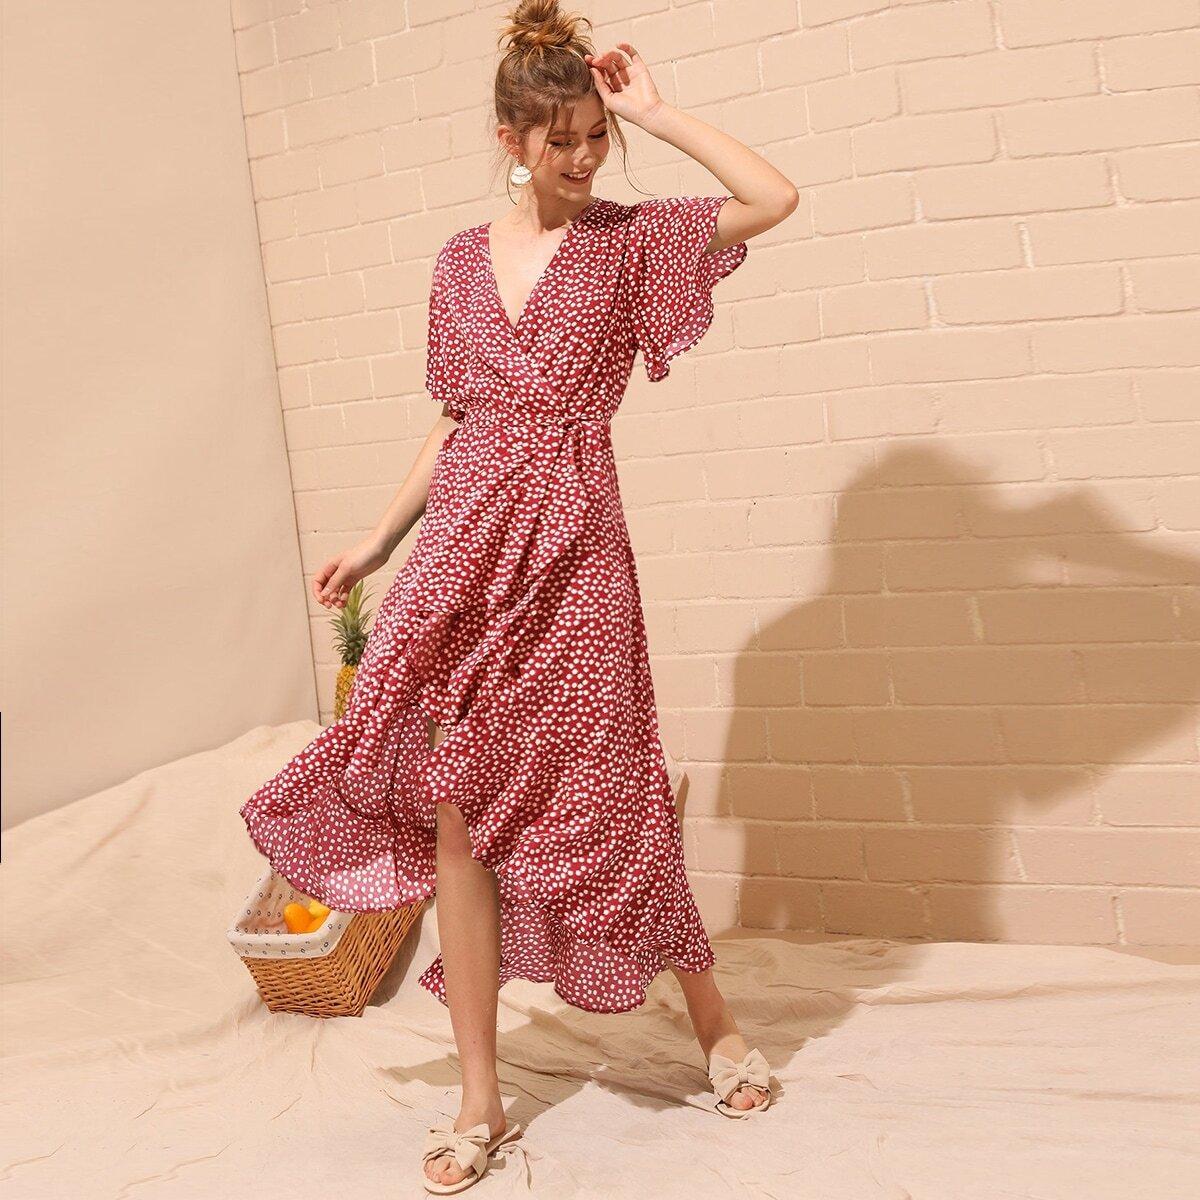 Цветочное платье с разрезом и поясом Image